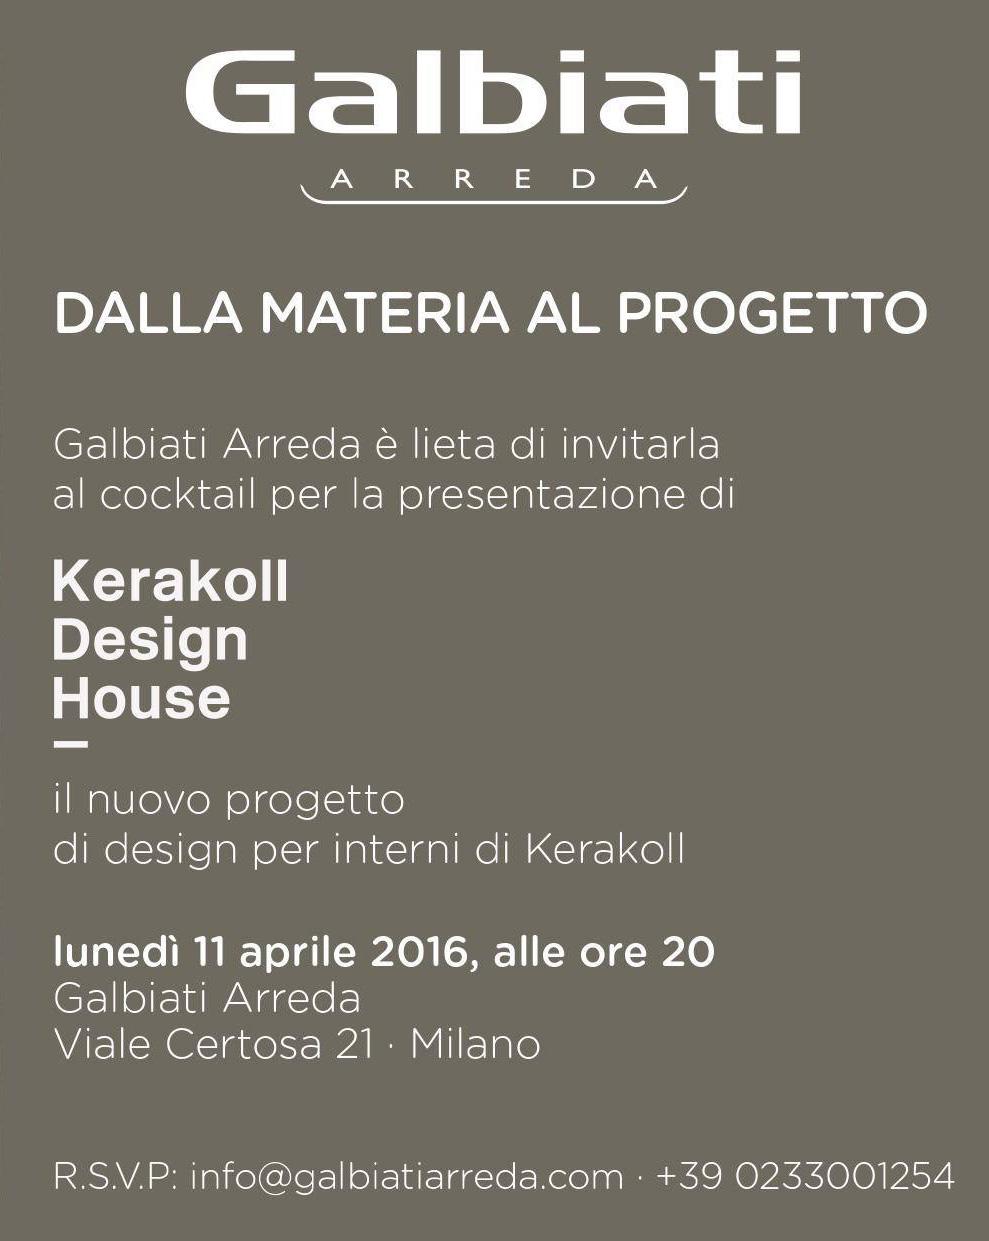 Galbiati arreda presenta il nuovo progetto di interior di for Arreda durante